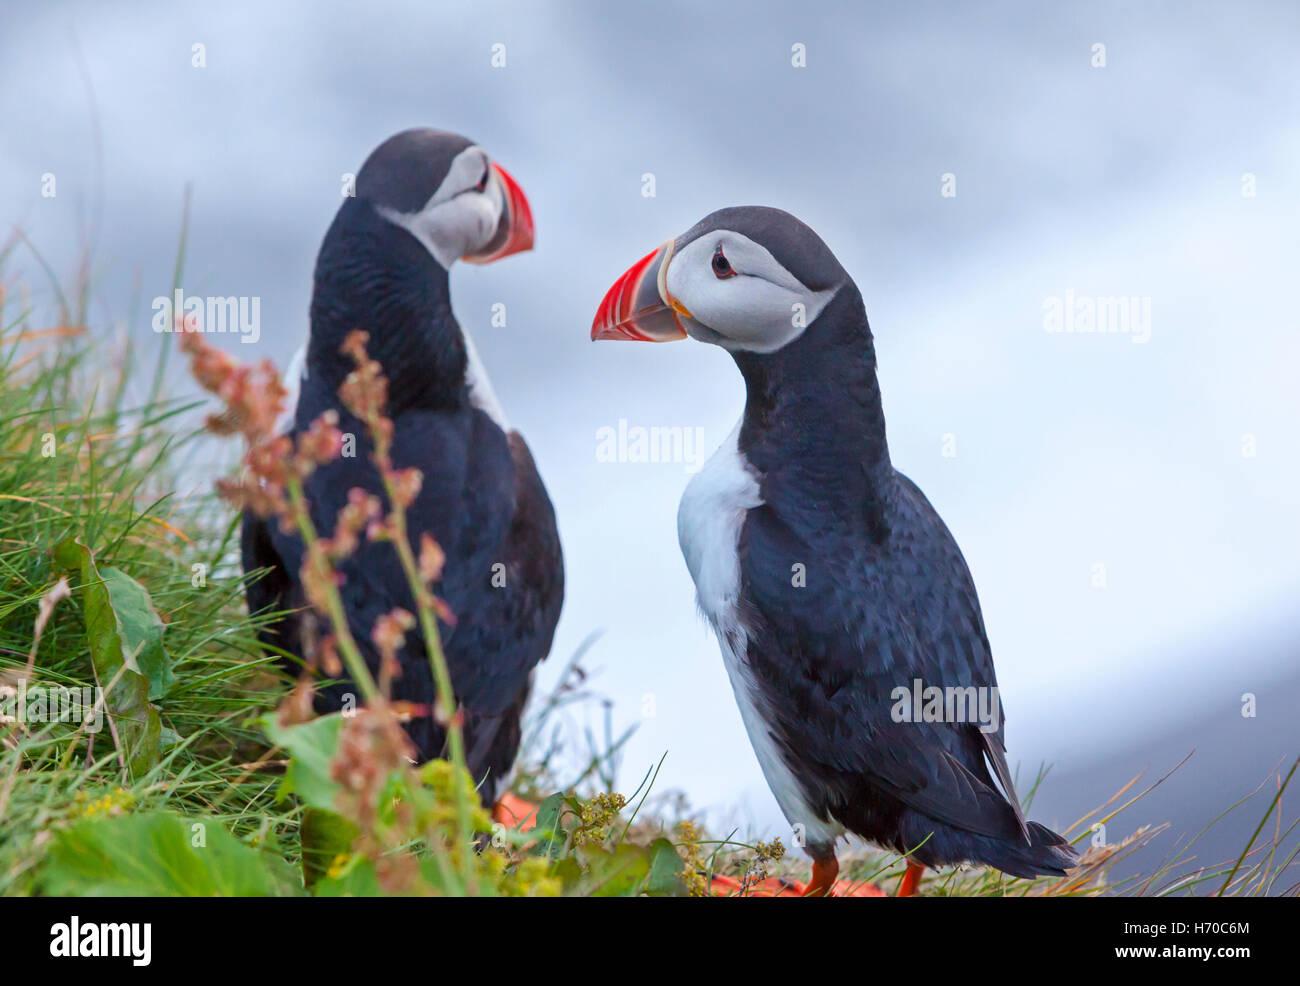 Un gruppo di pulcinelle di mare (volatili puffini) in Islanda. Immagini Stock